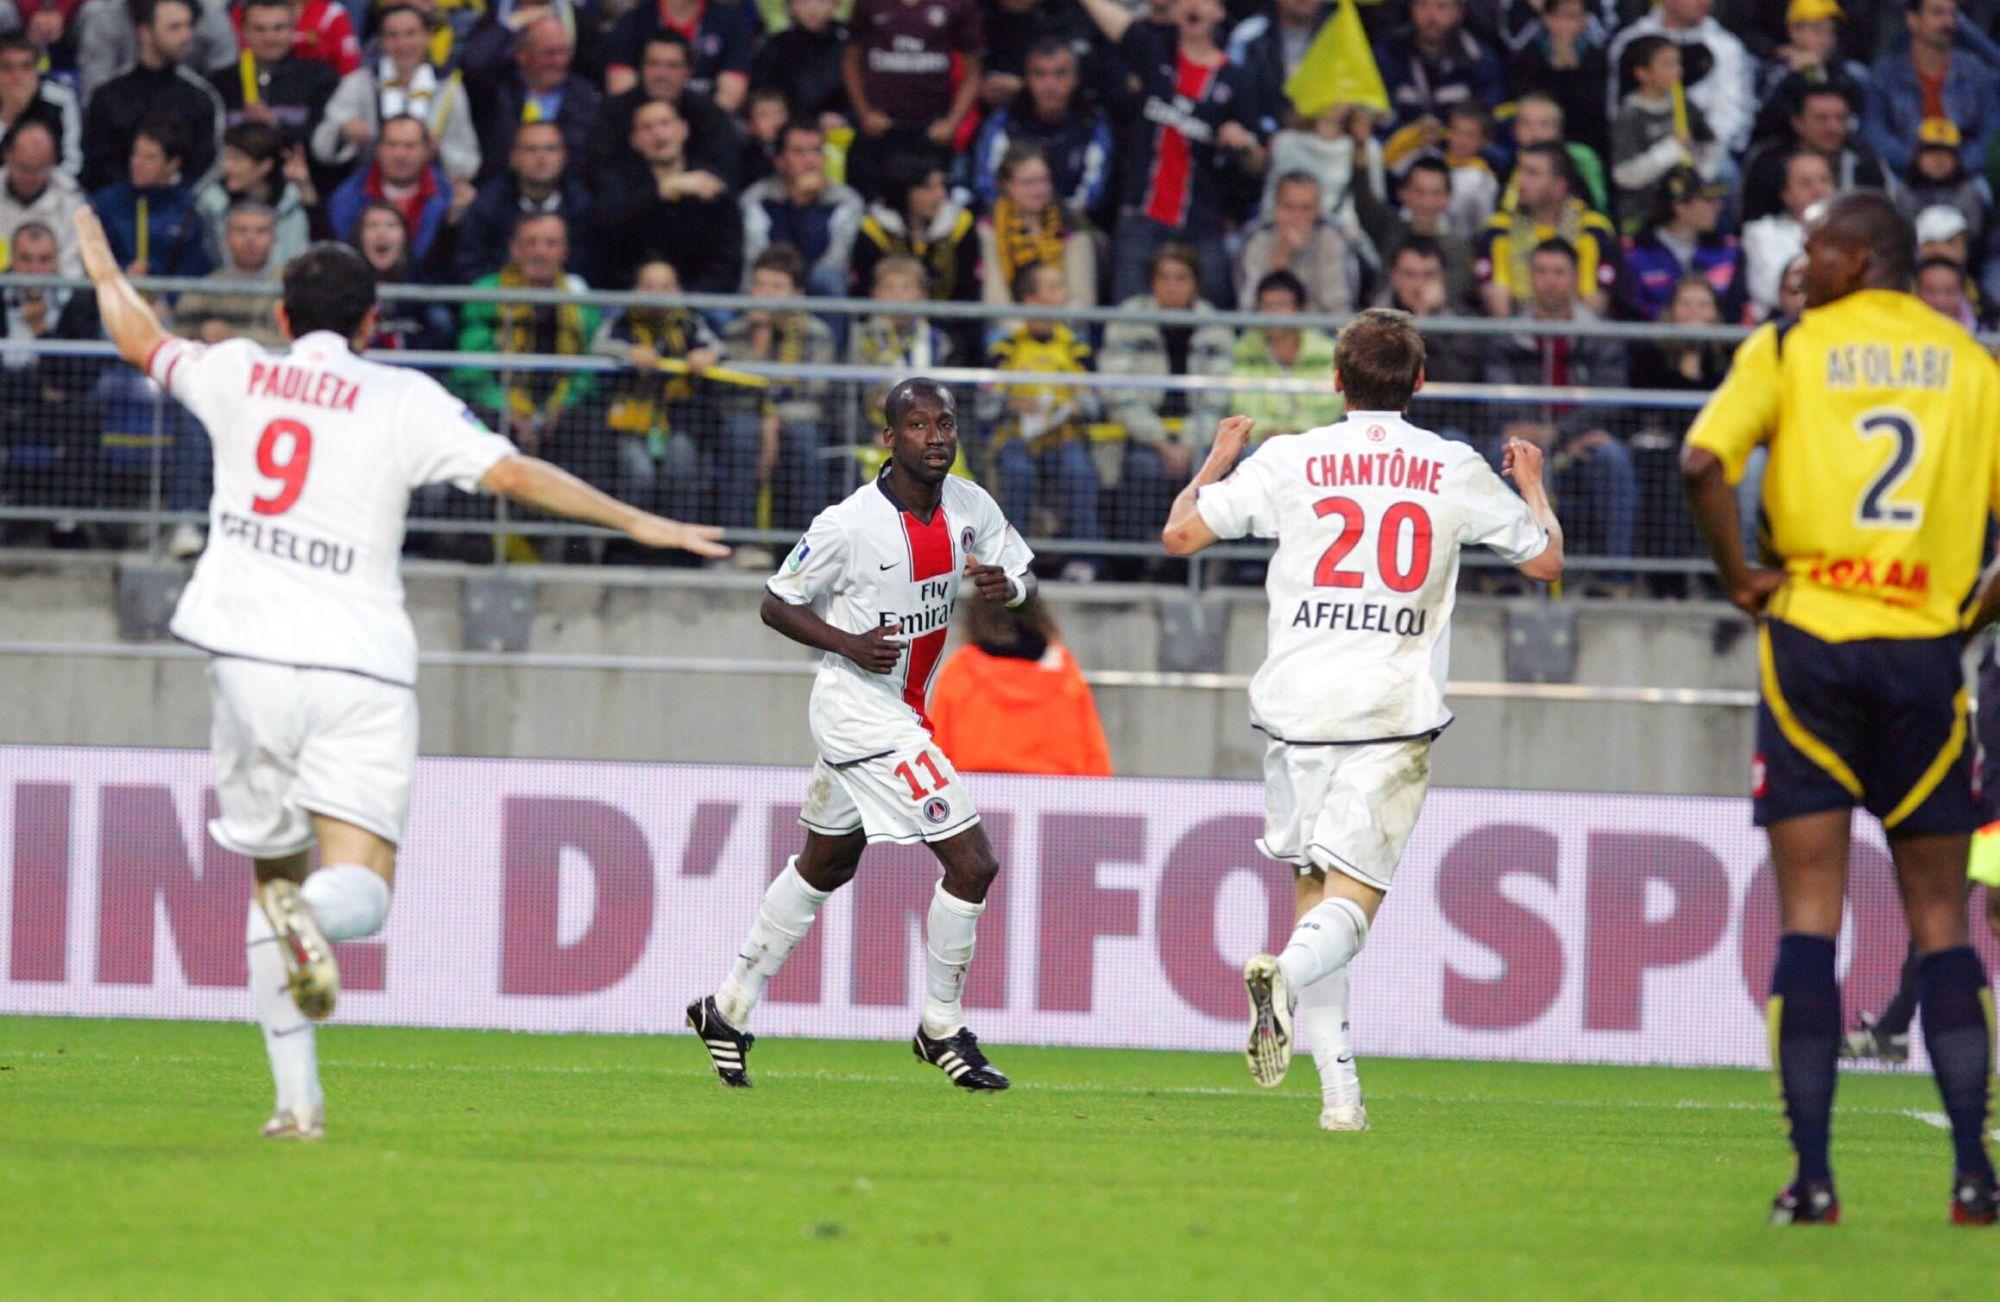 Pauleta revient sur son amour pour le PSG et le sauvetage à Sochaux